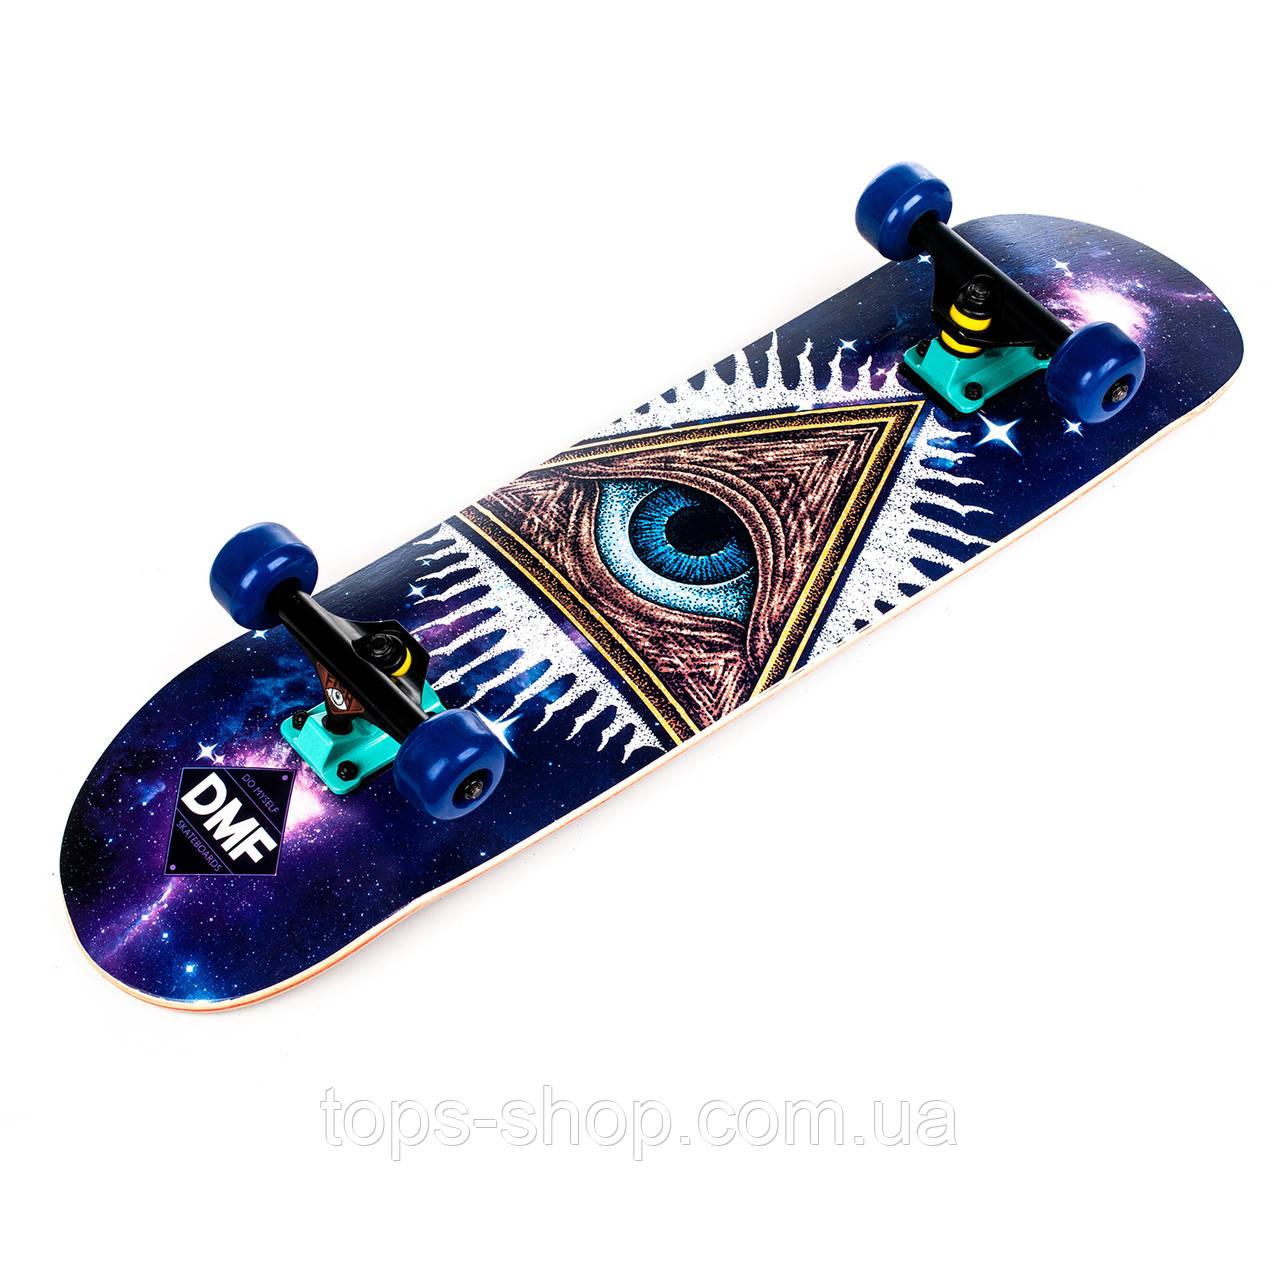 Скейт дерев'яний, Скейтборд, натуральний канадський клен, для трюків, Fish Skateboards - UFO-EYE, преміум!!!